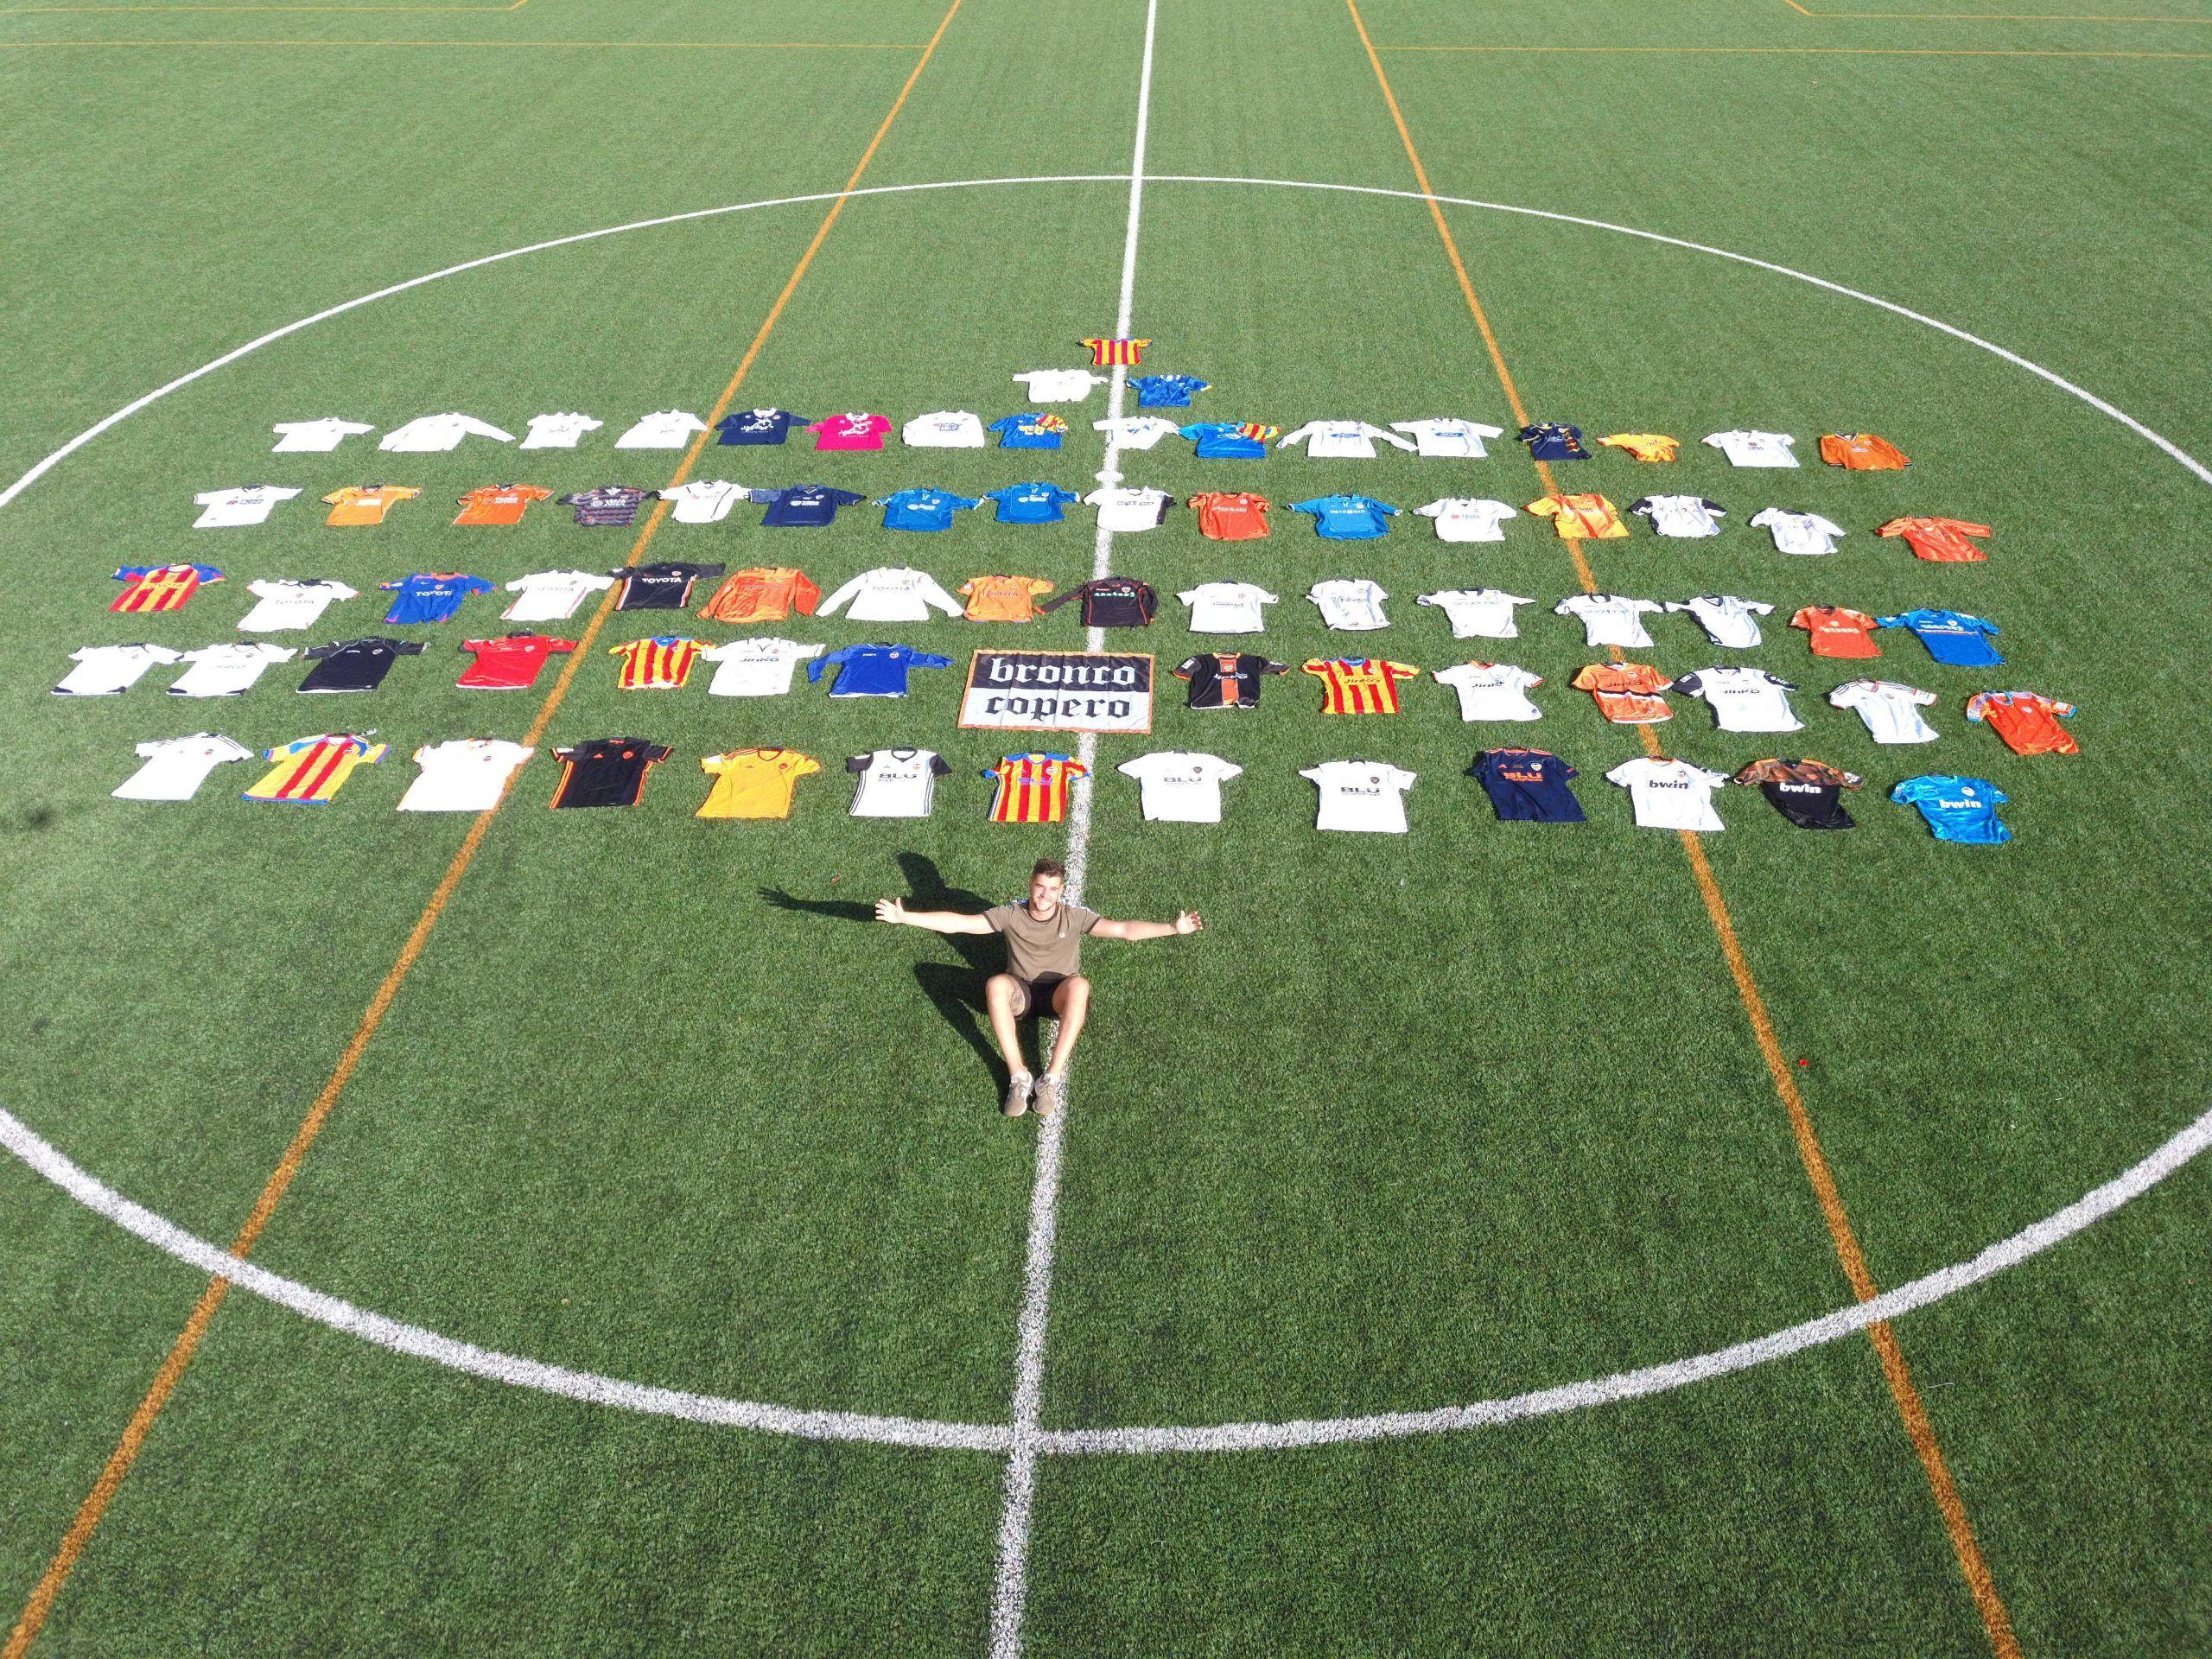 La colección de camisetas del Valencia Club de Fútbol es el hobby de Óscar.